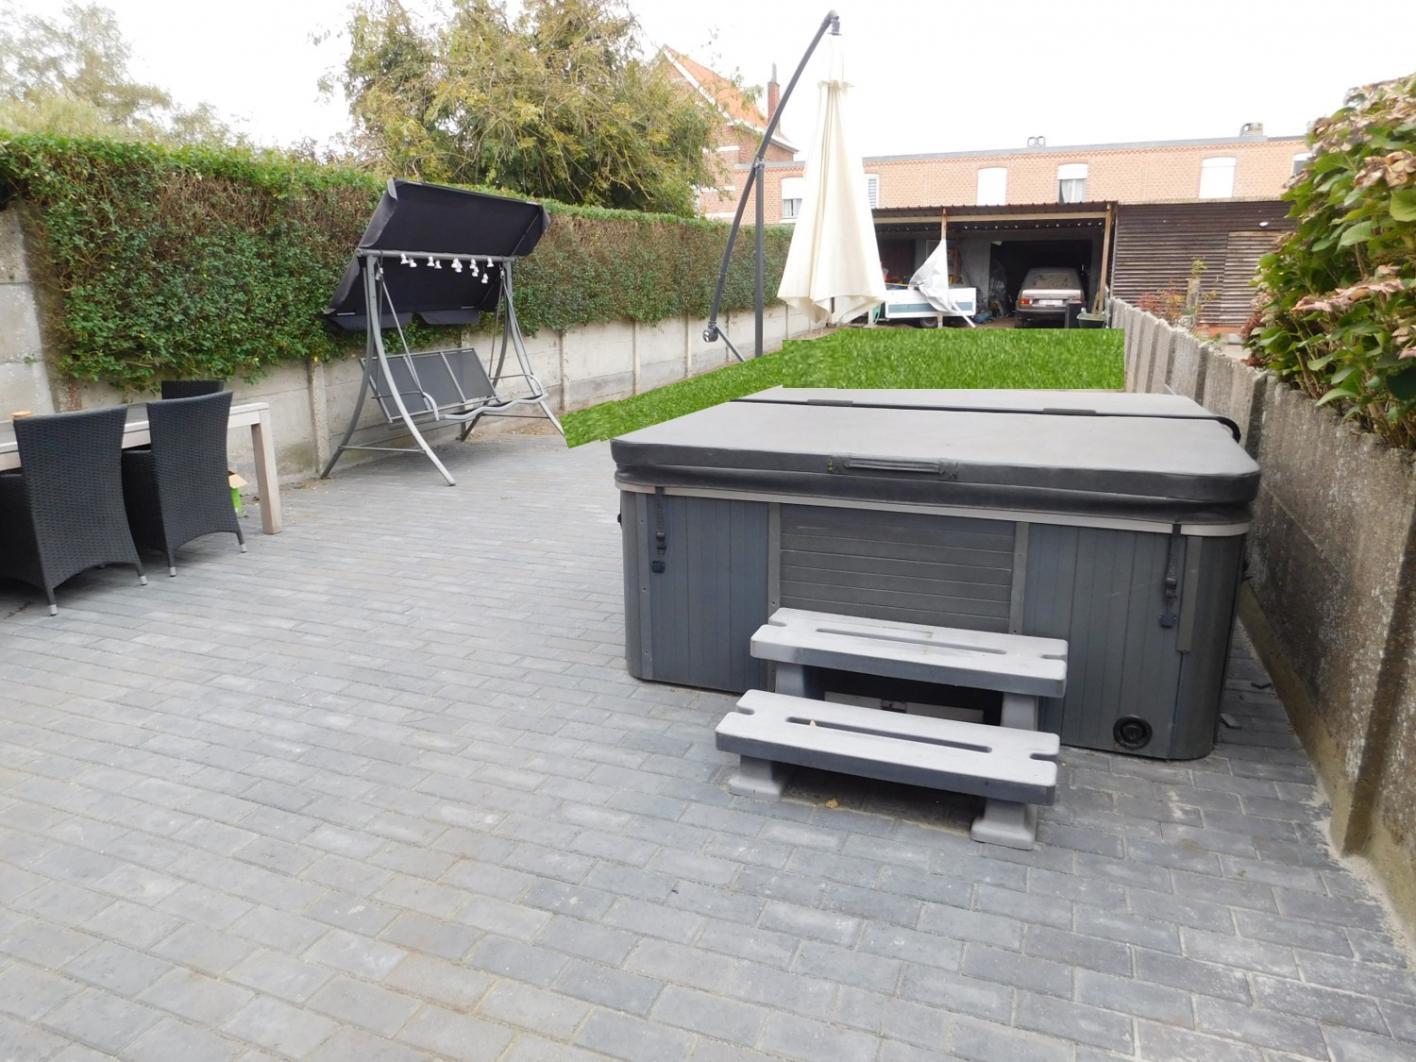 Dupont vastgoed herentals gelijkvloers app volledig for Appartement met tuin te koop